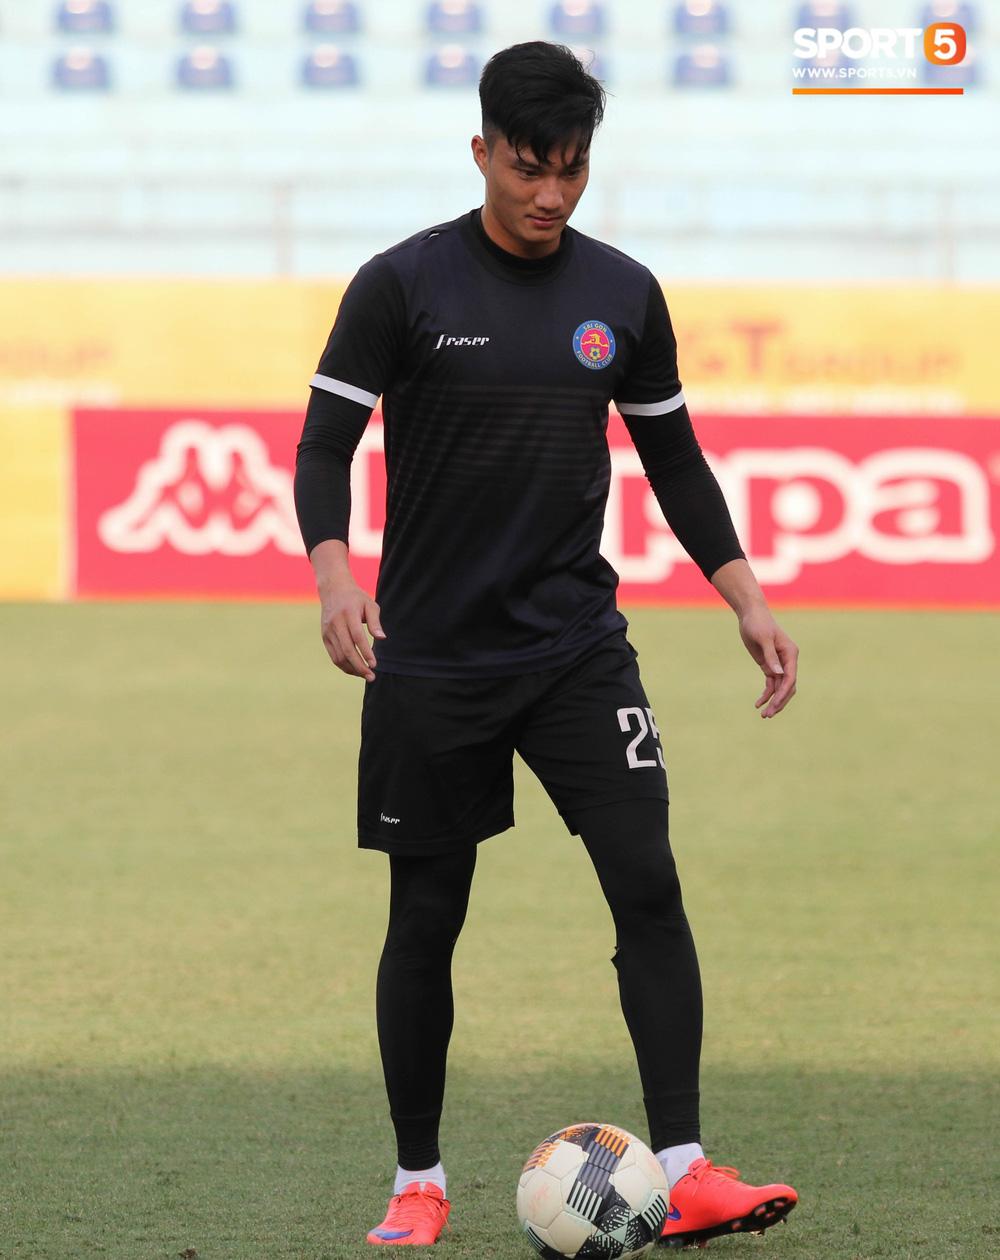 Tiến bộ thần tốc, cựu thủ môn điển trai của U23 Việt Nam vẫn khiêm tốn trước cuộc đọ sức với Hà Nội FC - Ảnh 2.